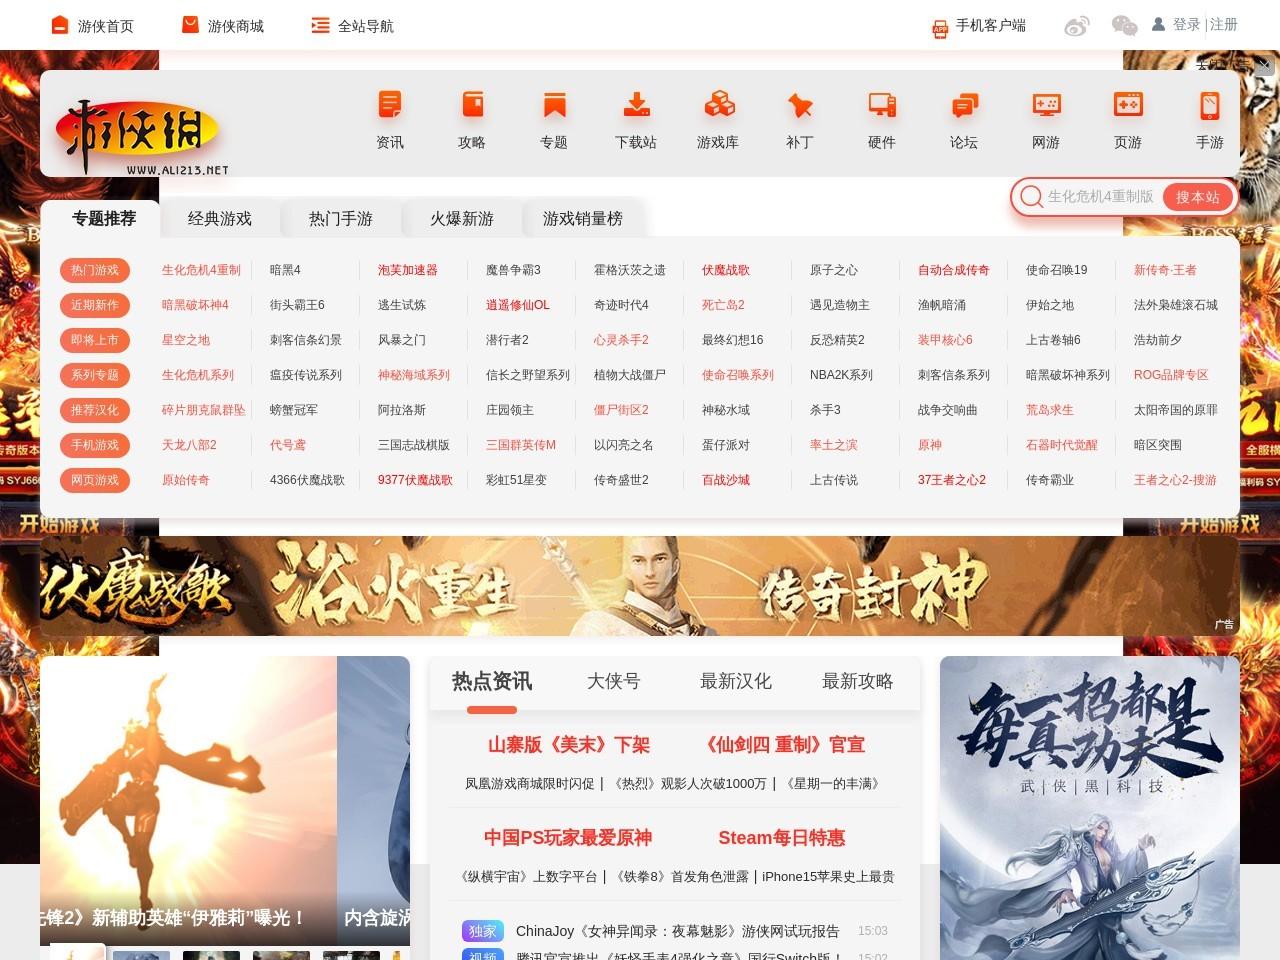 03.29-04.04全球游戏销量榜!《先驱者》抢下榜首!_游侠网 Ali213.net